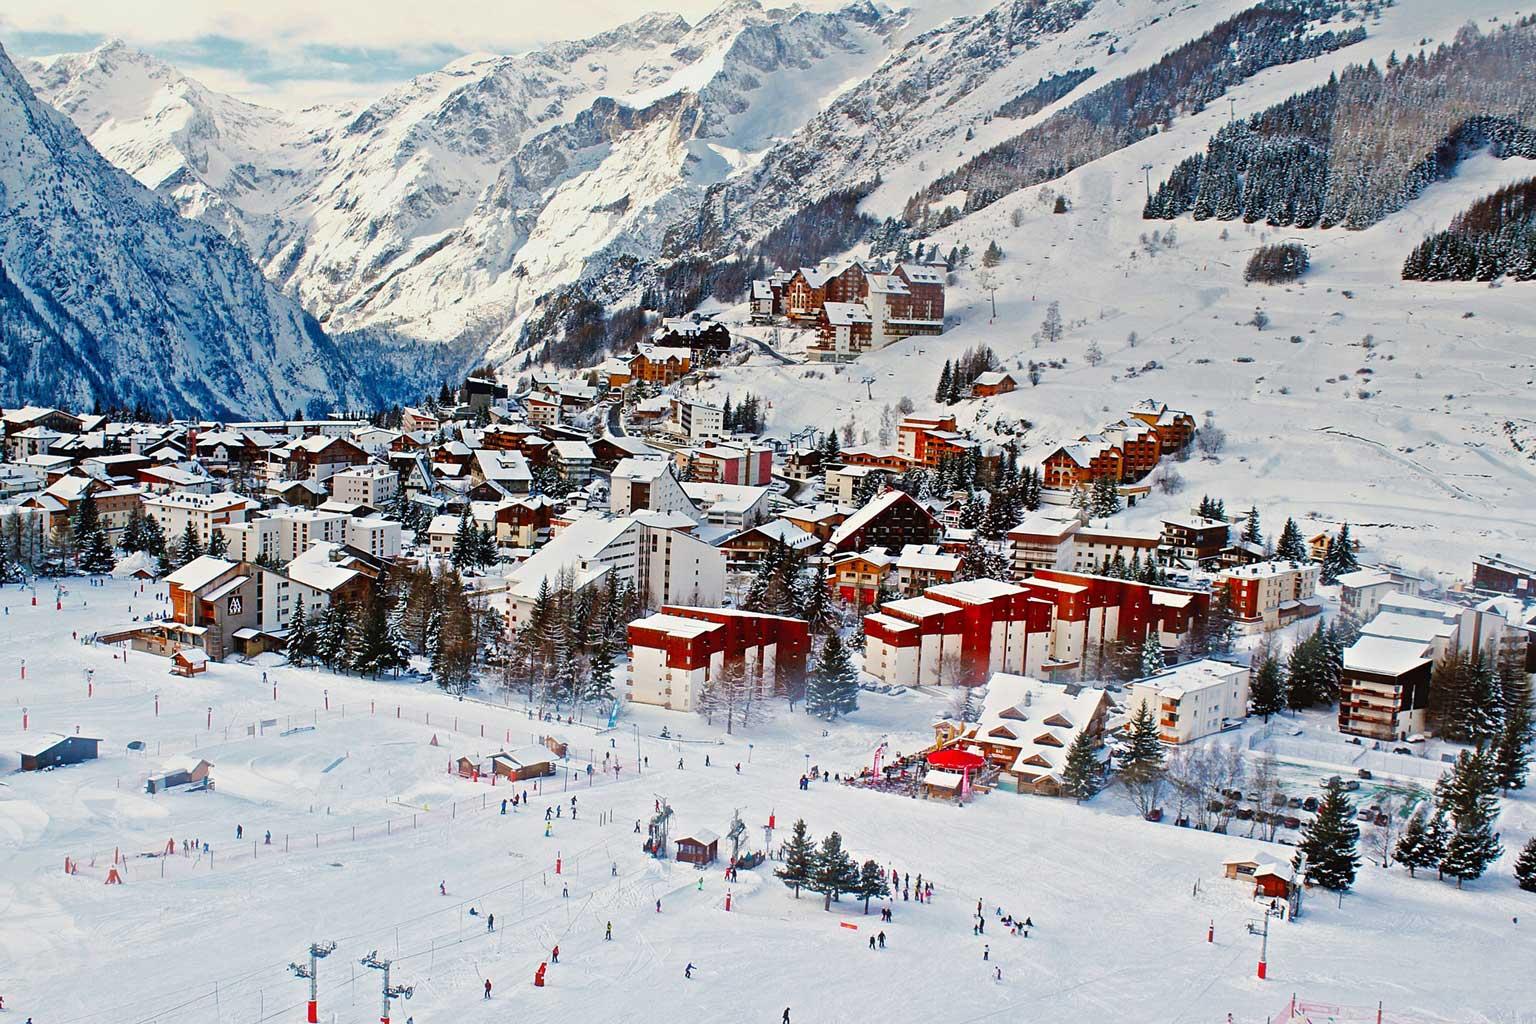 top 3 ski resorts in europe - christobel travel